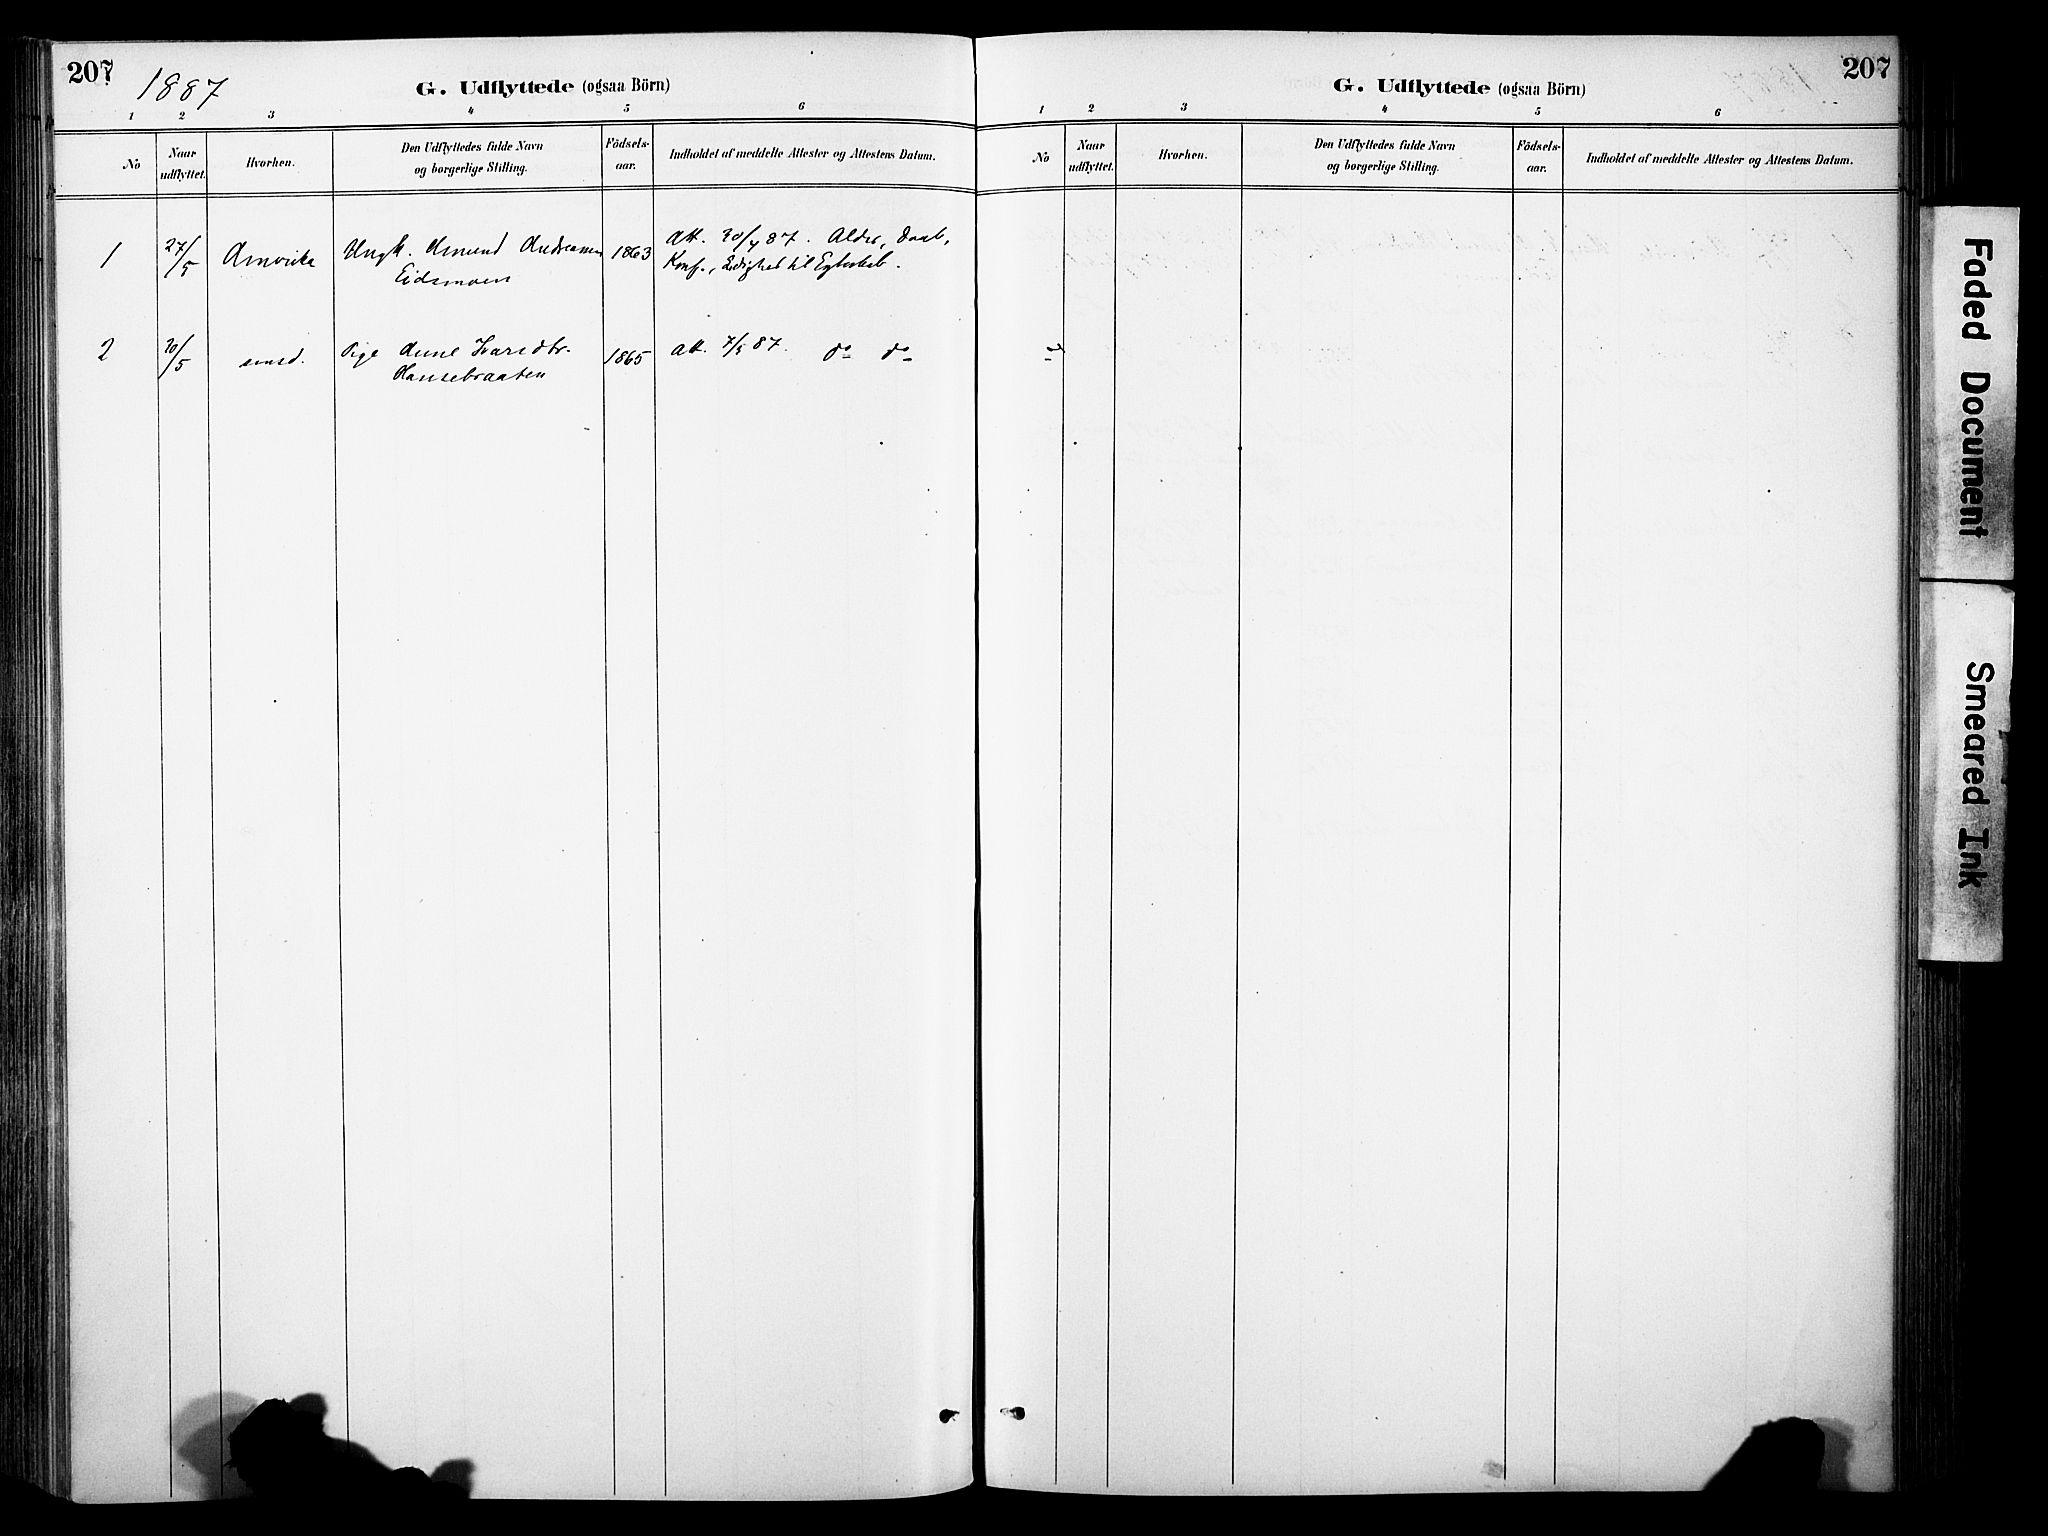 SAH, Sør-Aurdal prestekontor, Ministerialbok nr. 9, 1886-1906, s. 207